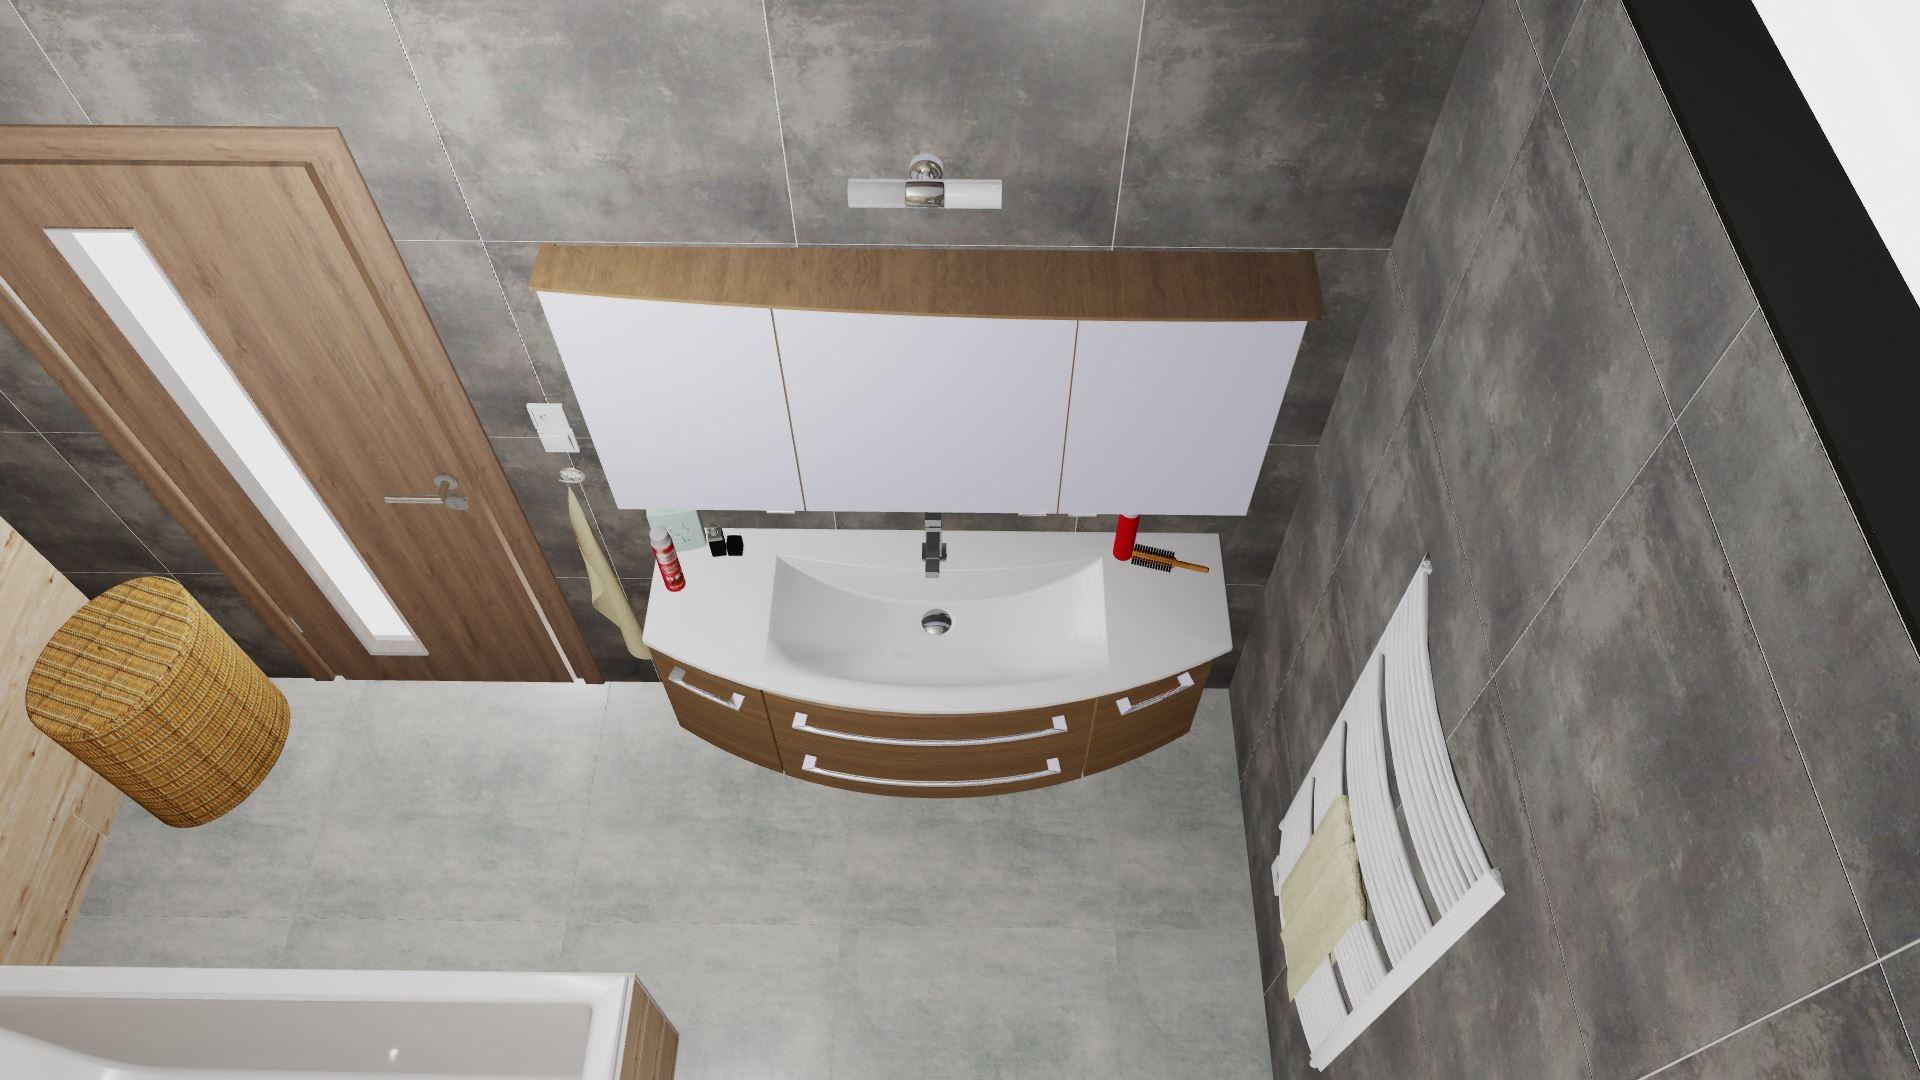 Rodičovská koupelna - Obrázek č. 7